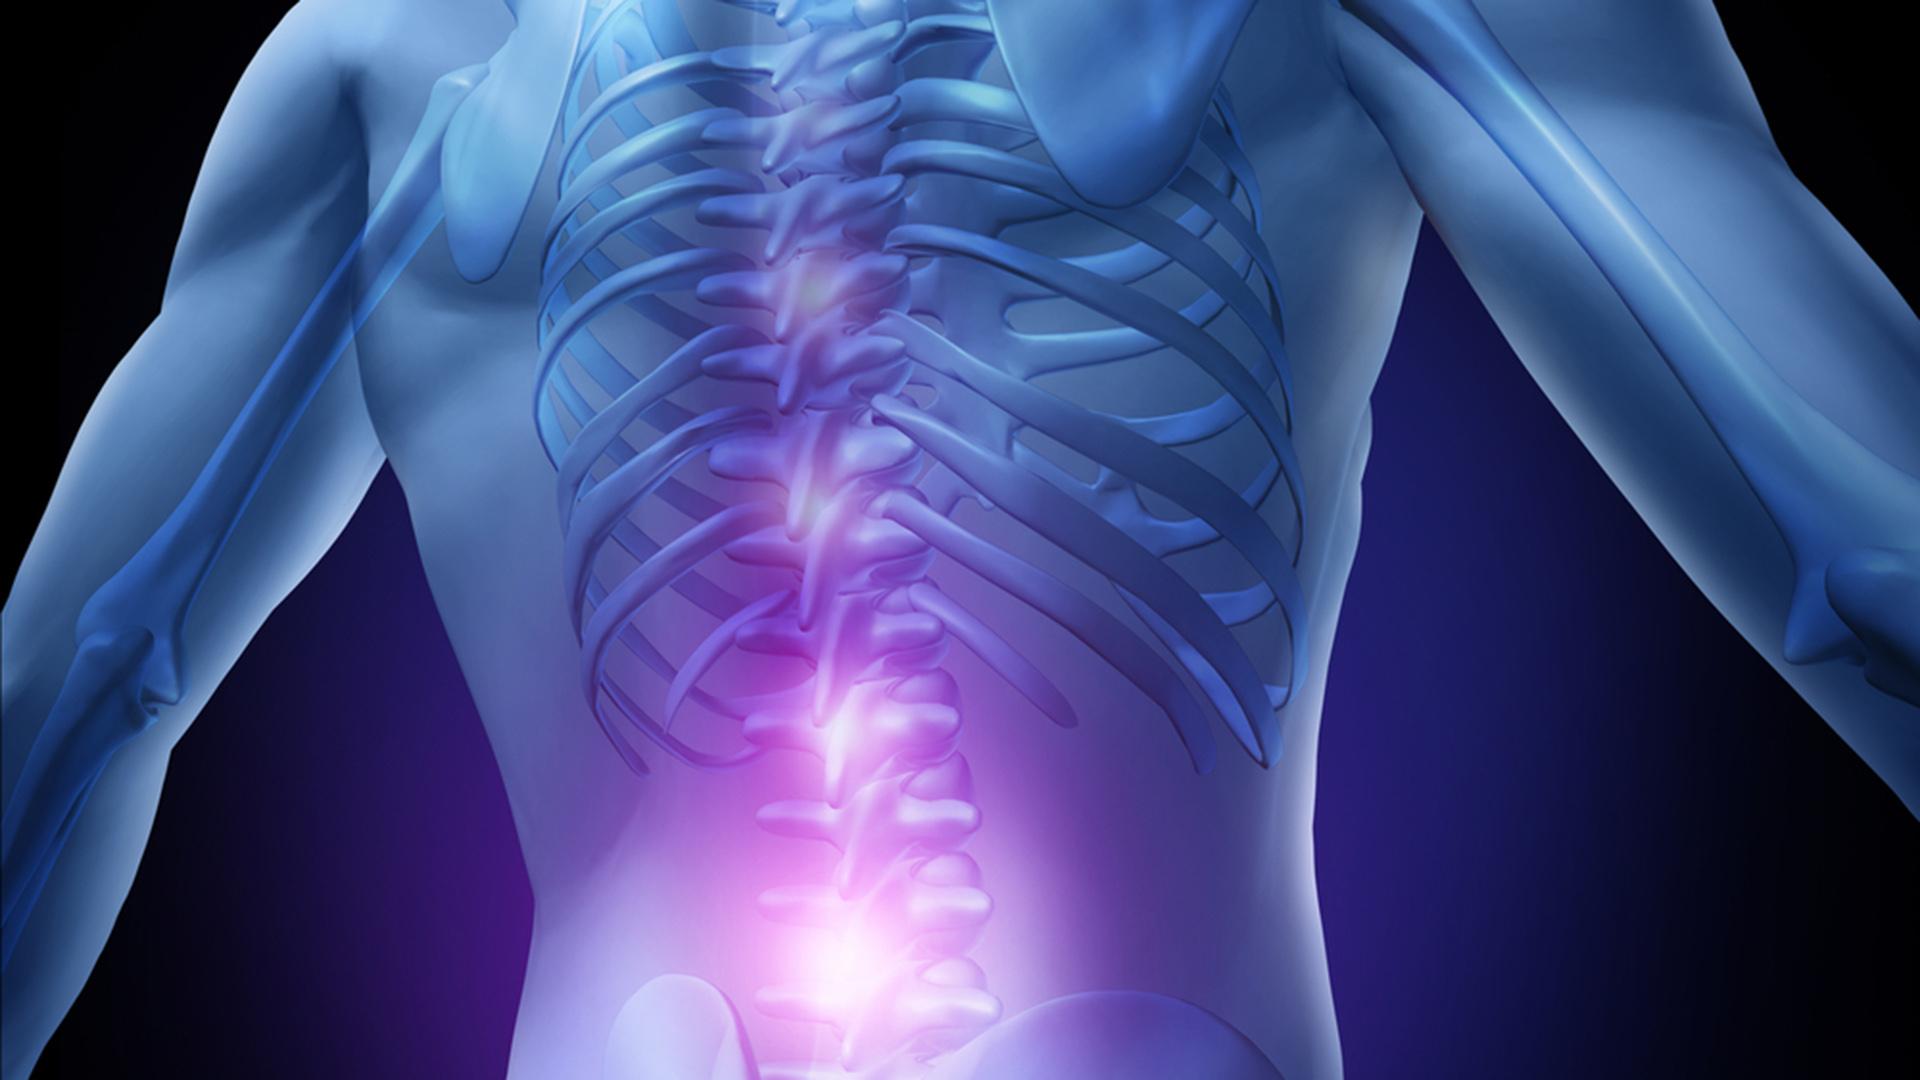 Deformarea artrozei tuturor tratamentului articulațiilor. Artroza – ce este, tratament si simptome